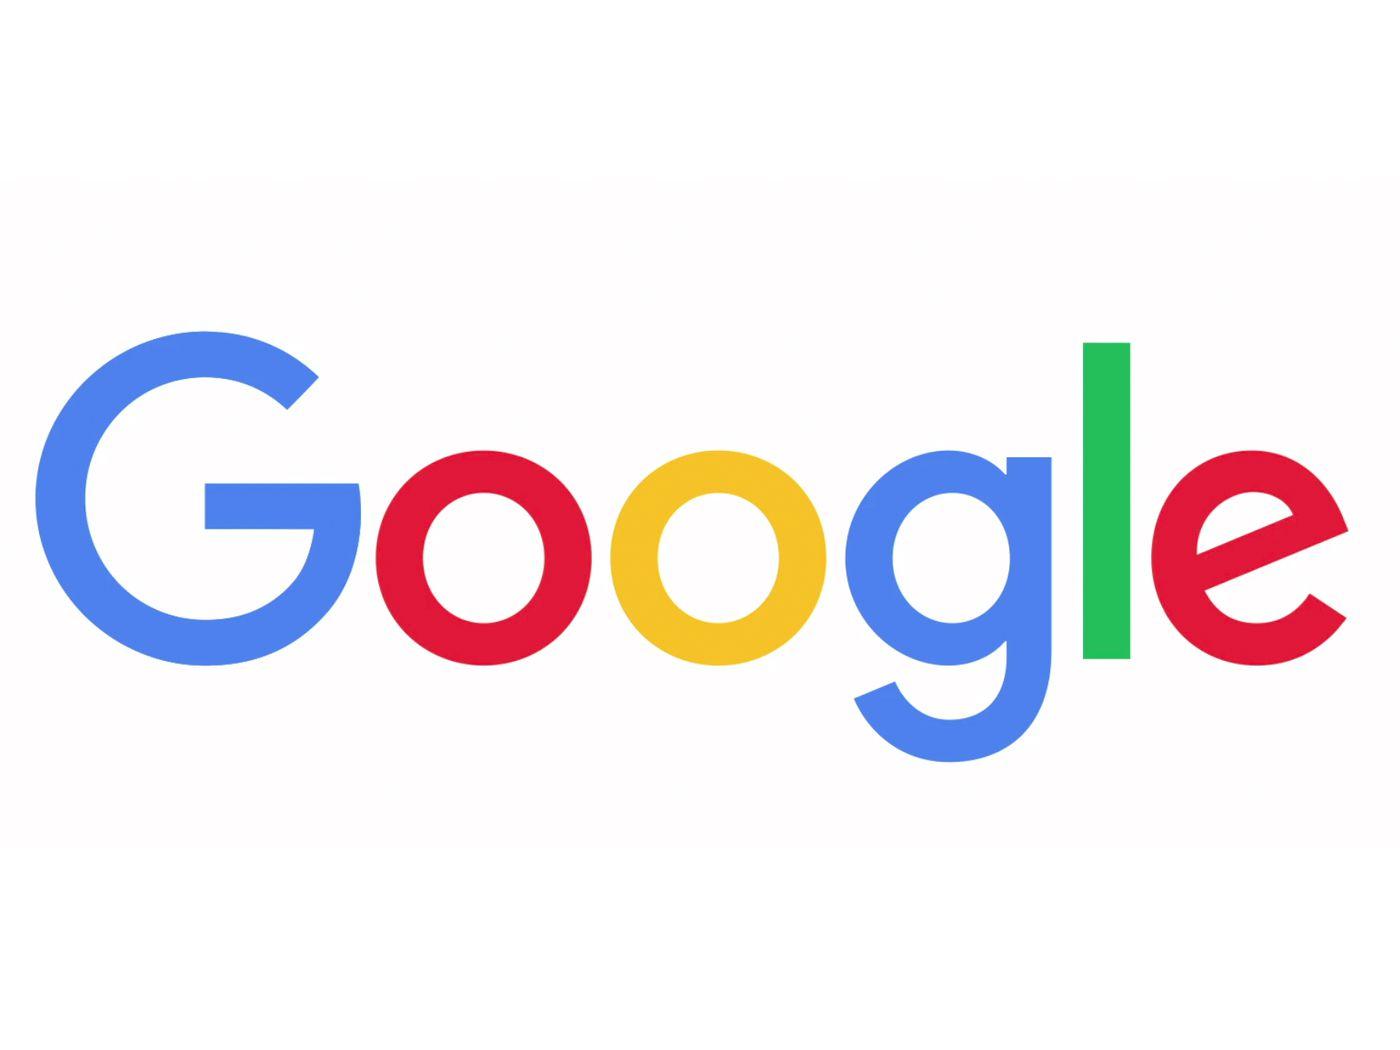 جوجل تضيف ميزة جديدة .. هنـــــــــــــــــــــــــــــا التفاصيل